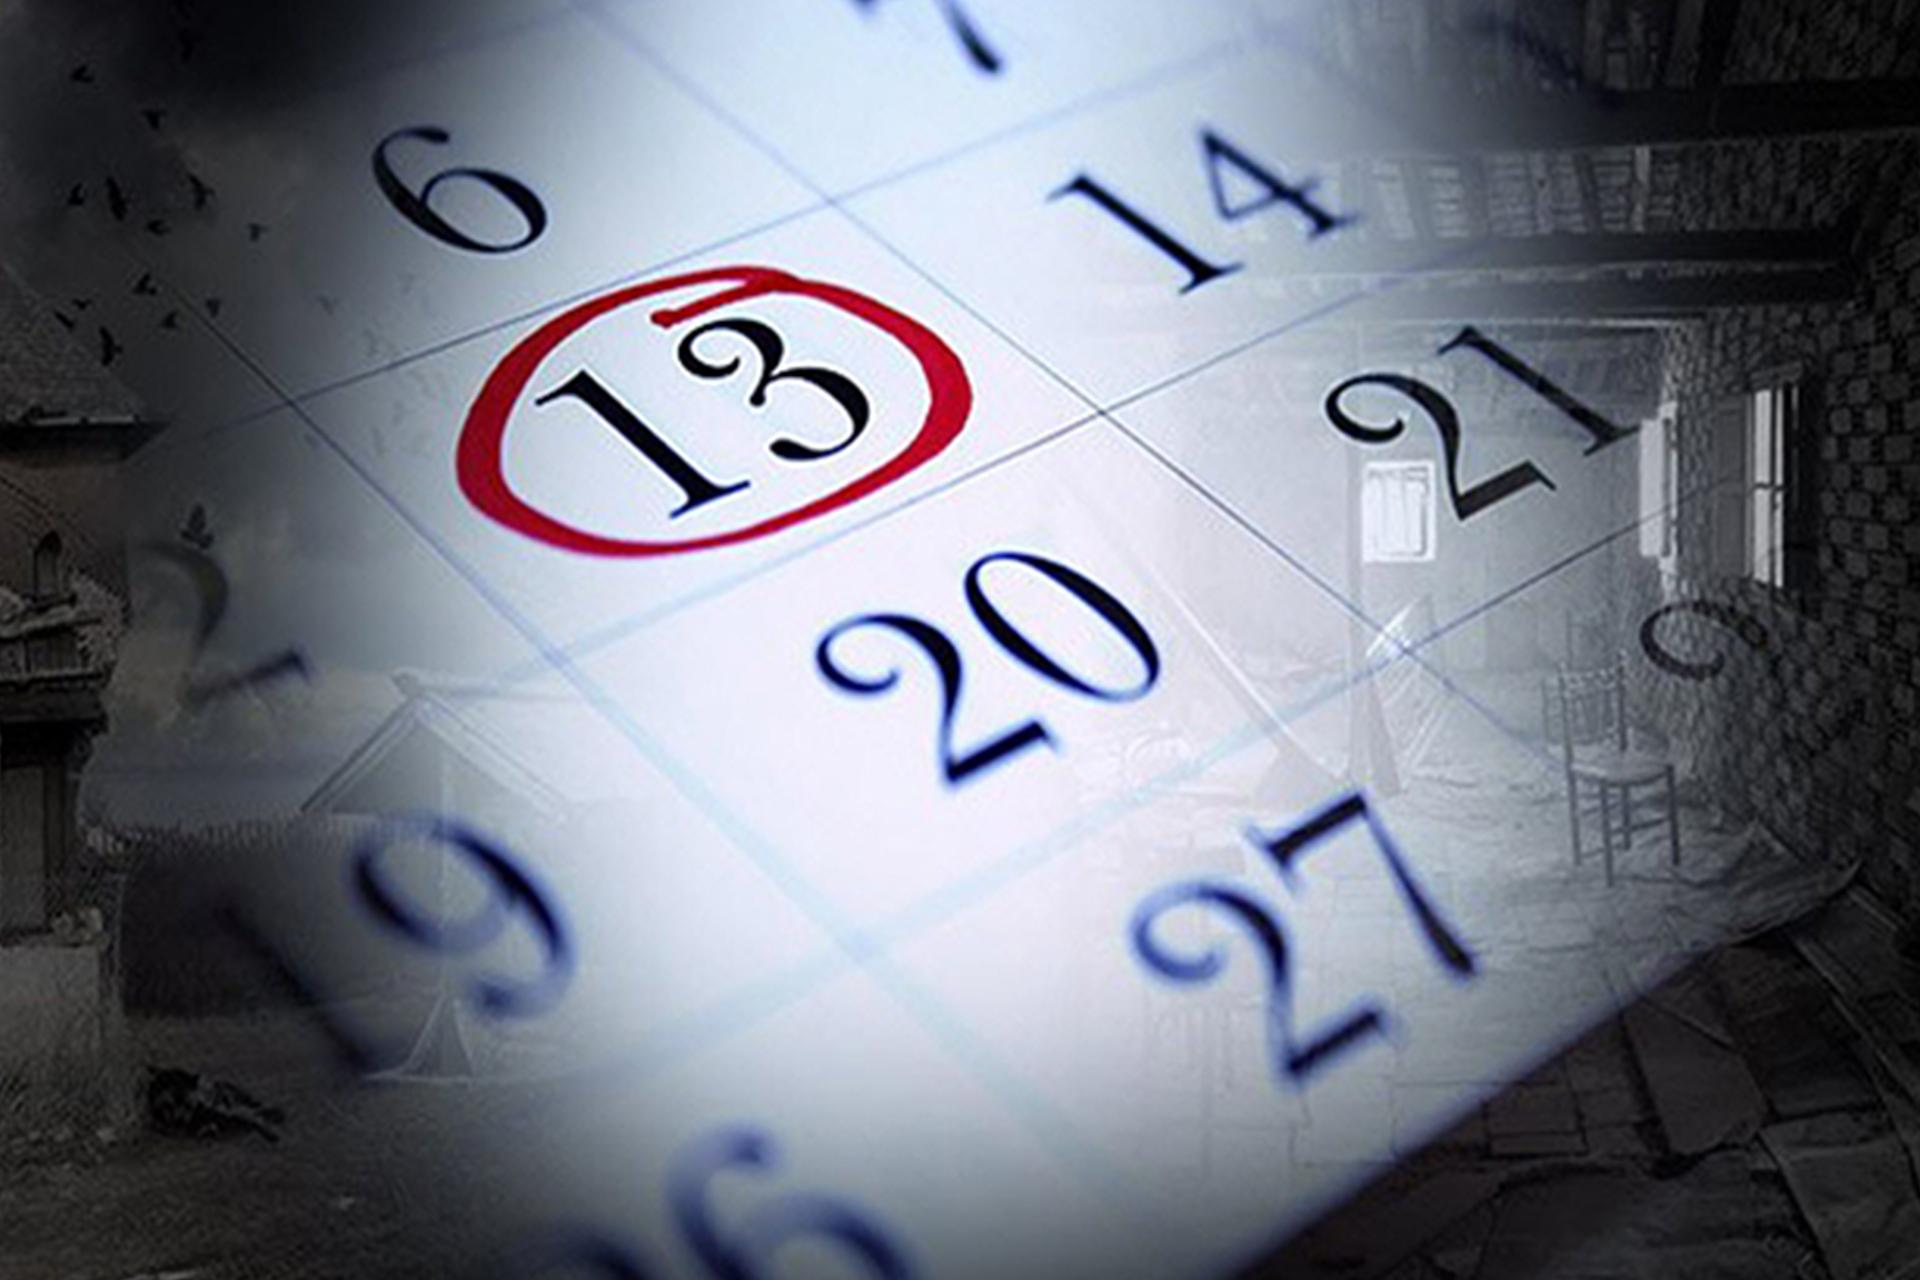 Пятница 13: что нельзя делать в этот день и как не притянуть к себе беду